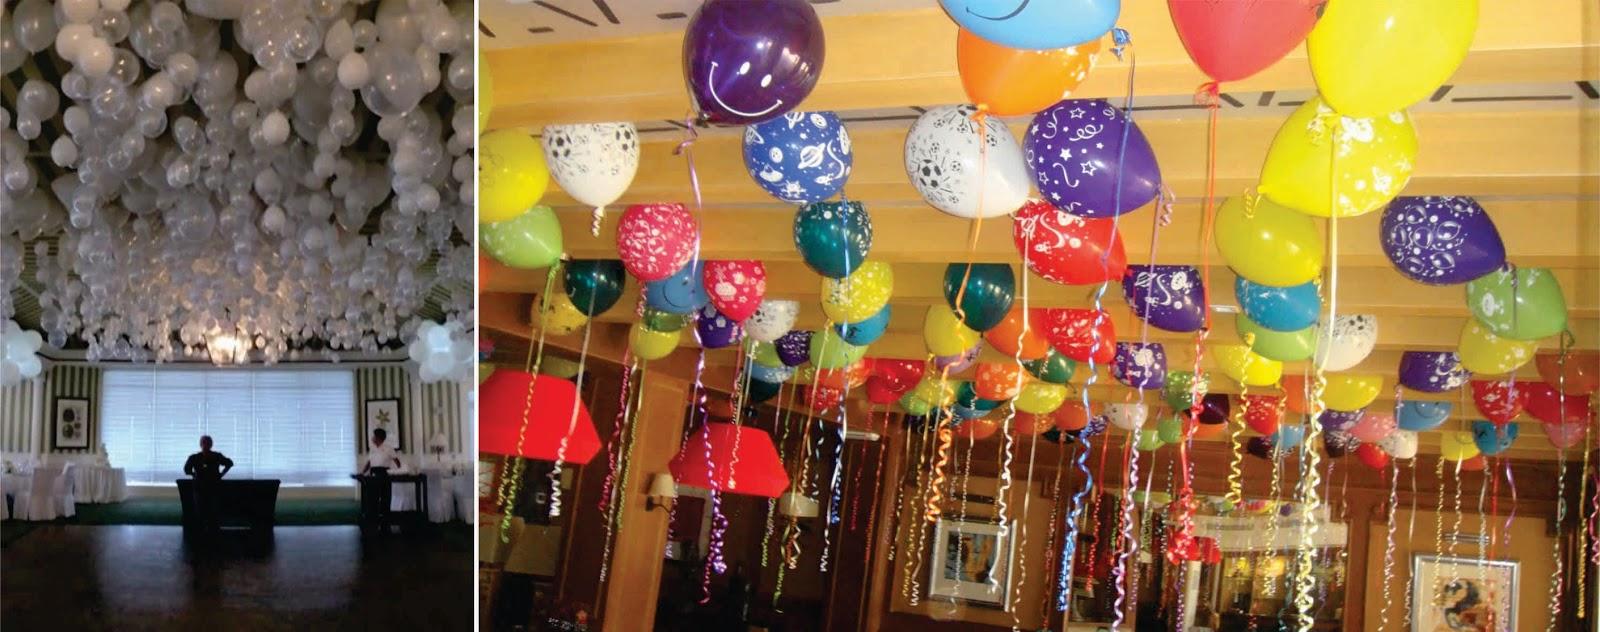 Imagenes fantasia y color decora con globos sin usar helio - Decora con globos ...